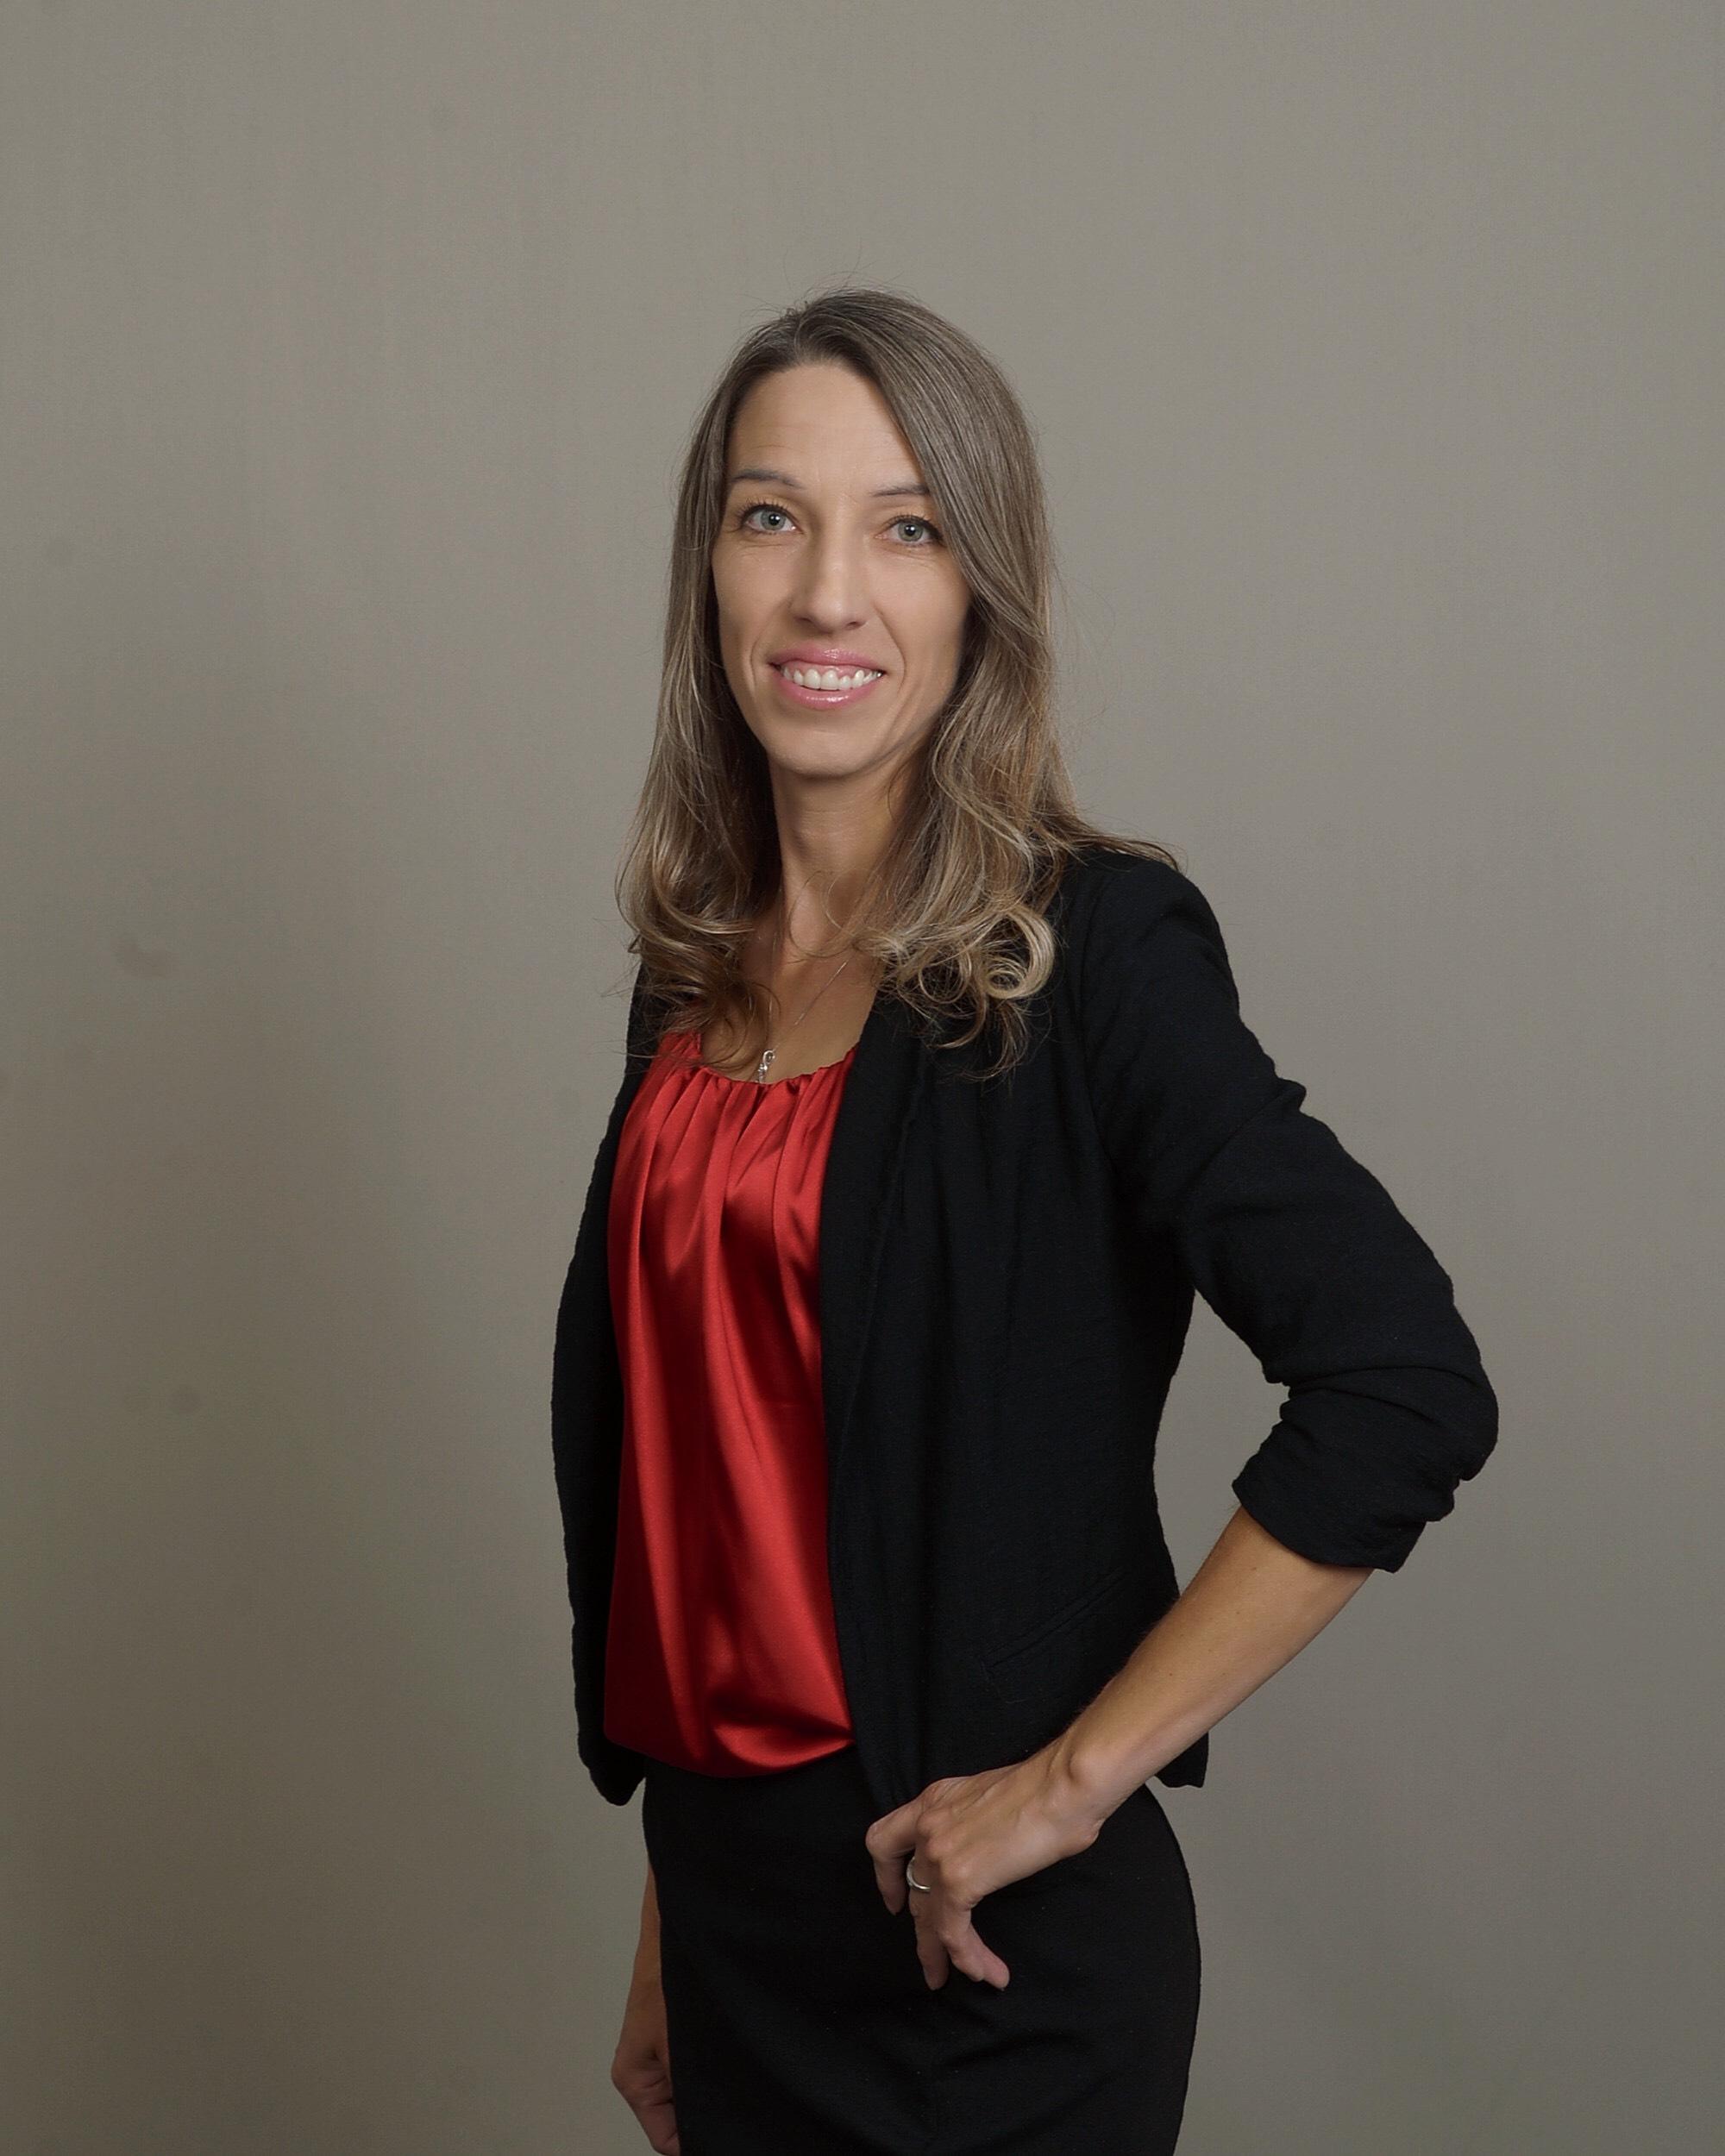 Kristine Connolly